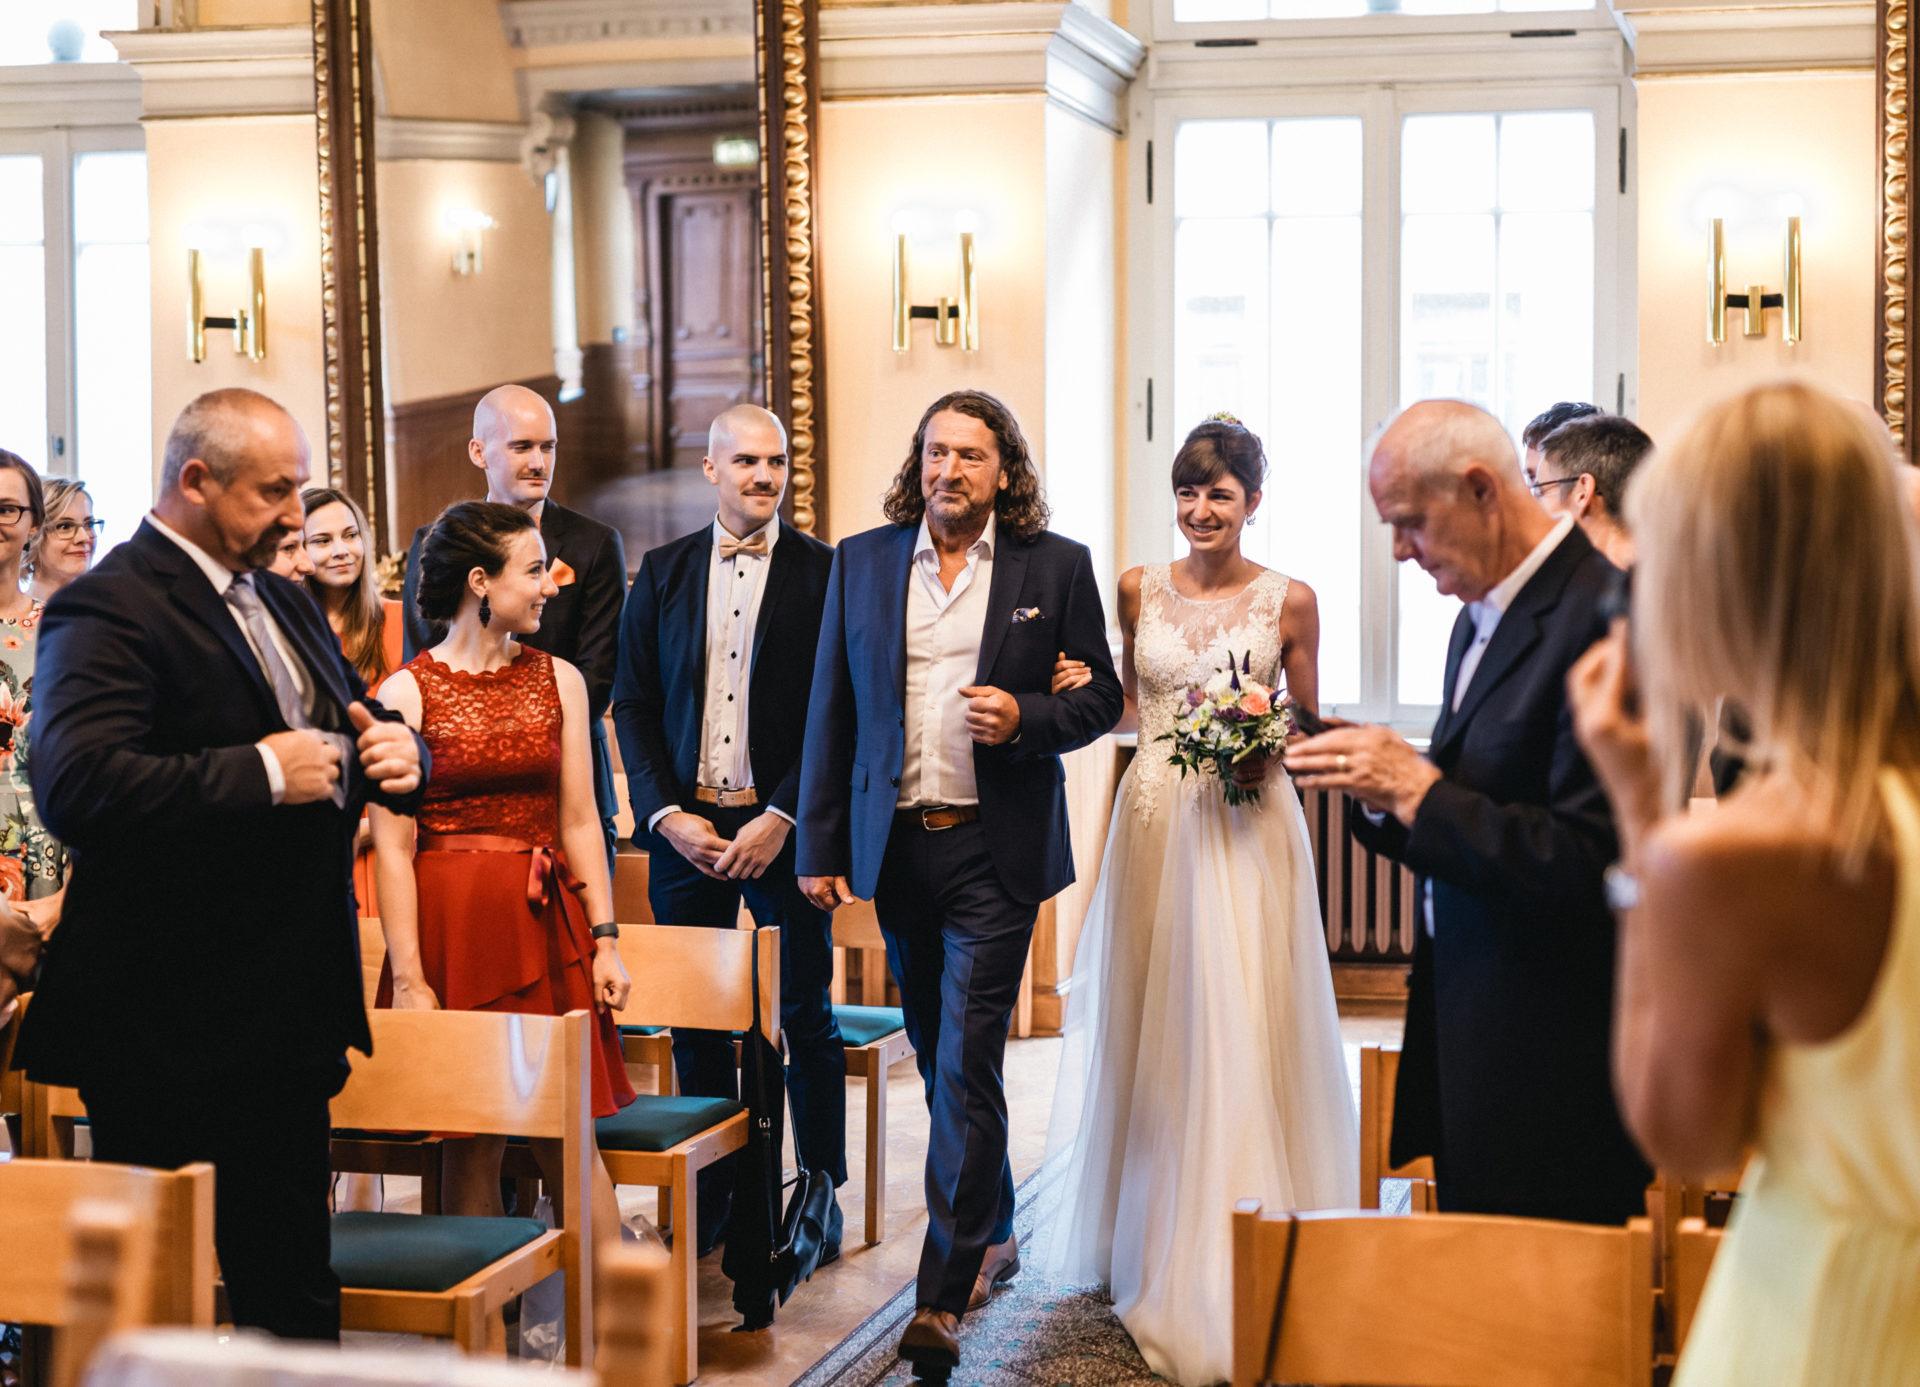 Hochzeitsreportage, Portfolio | Hochzeit auf dem Rittergut Positz | 11